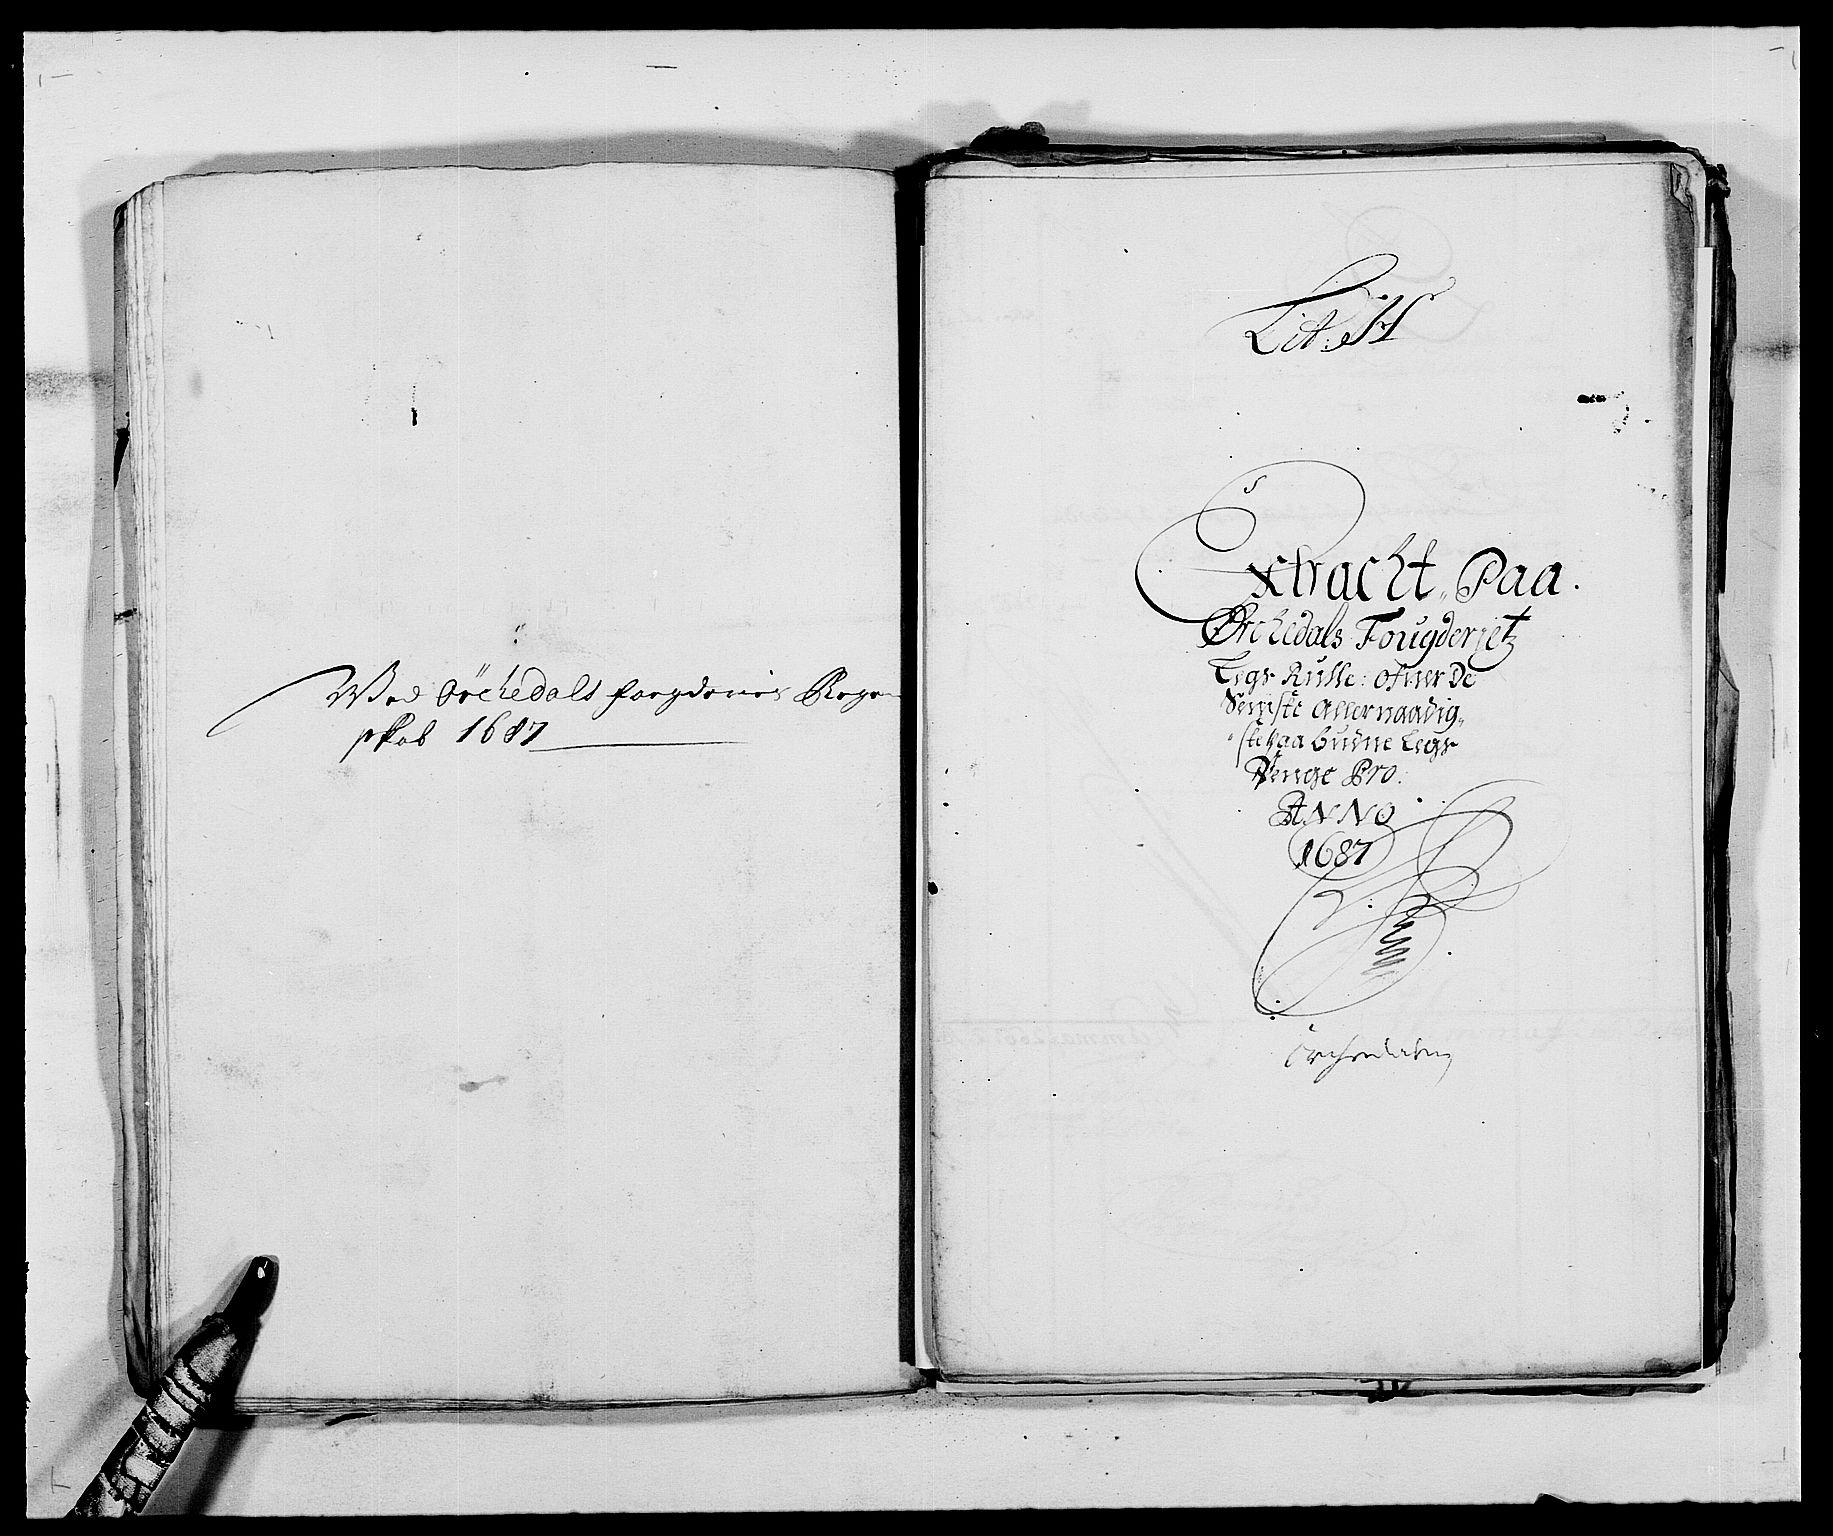 RA, Rentekammeret inntil 1814, Reviderte regnskaper, Fogderegnskap, R58/L3935: Fogderegnskap Orkdal, 1687-1688, s. 110